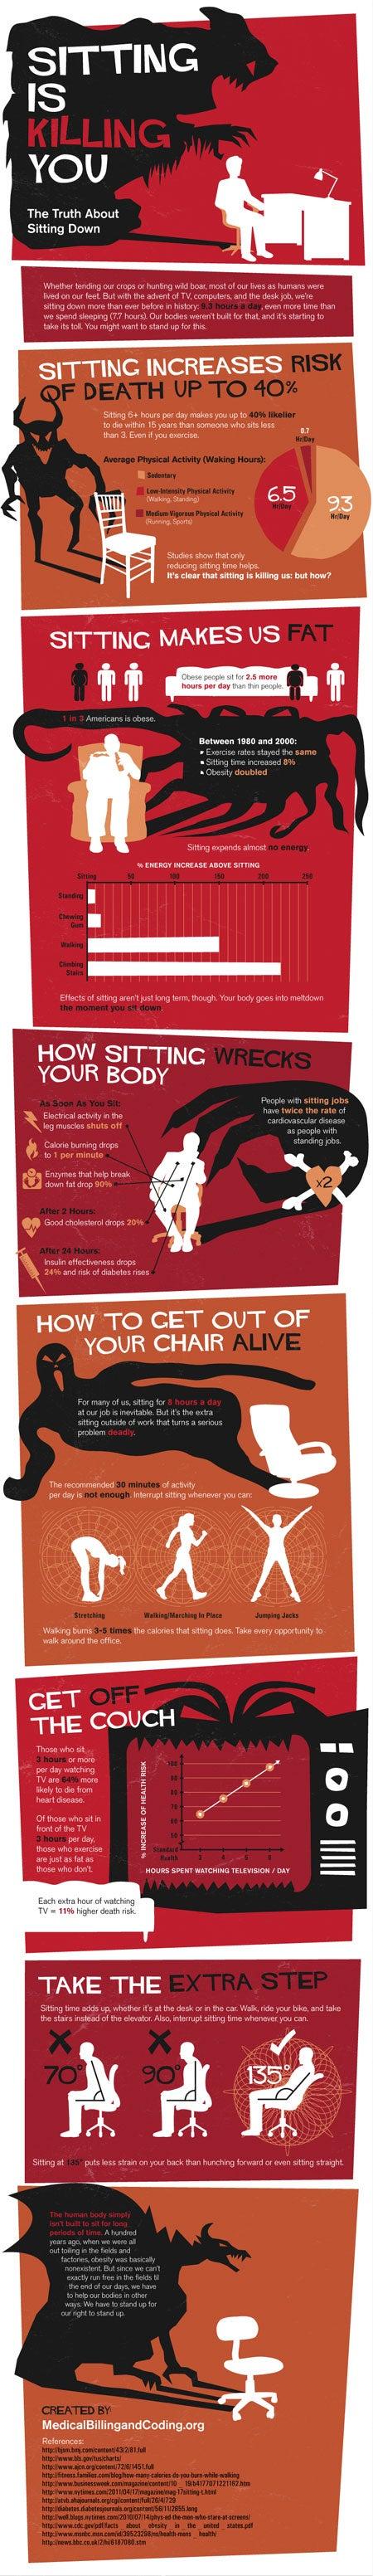 الجلوس يقتل - أضرار الجلوس